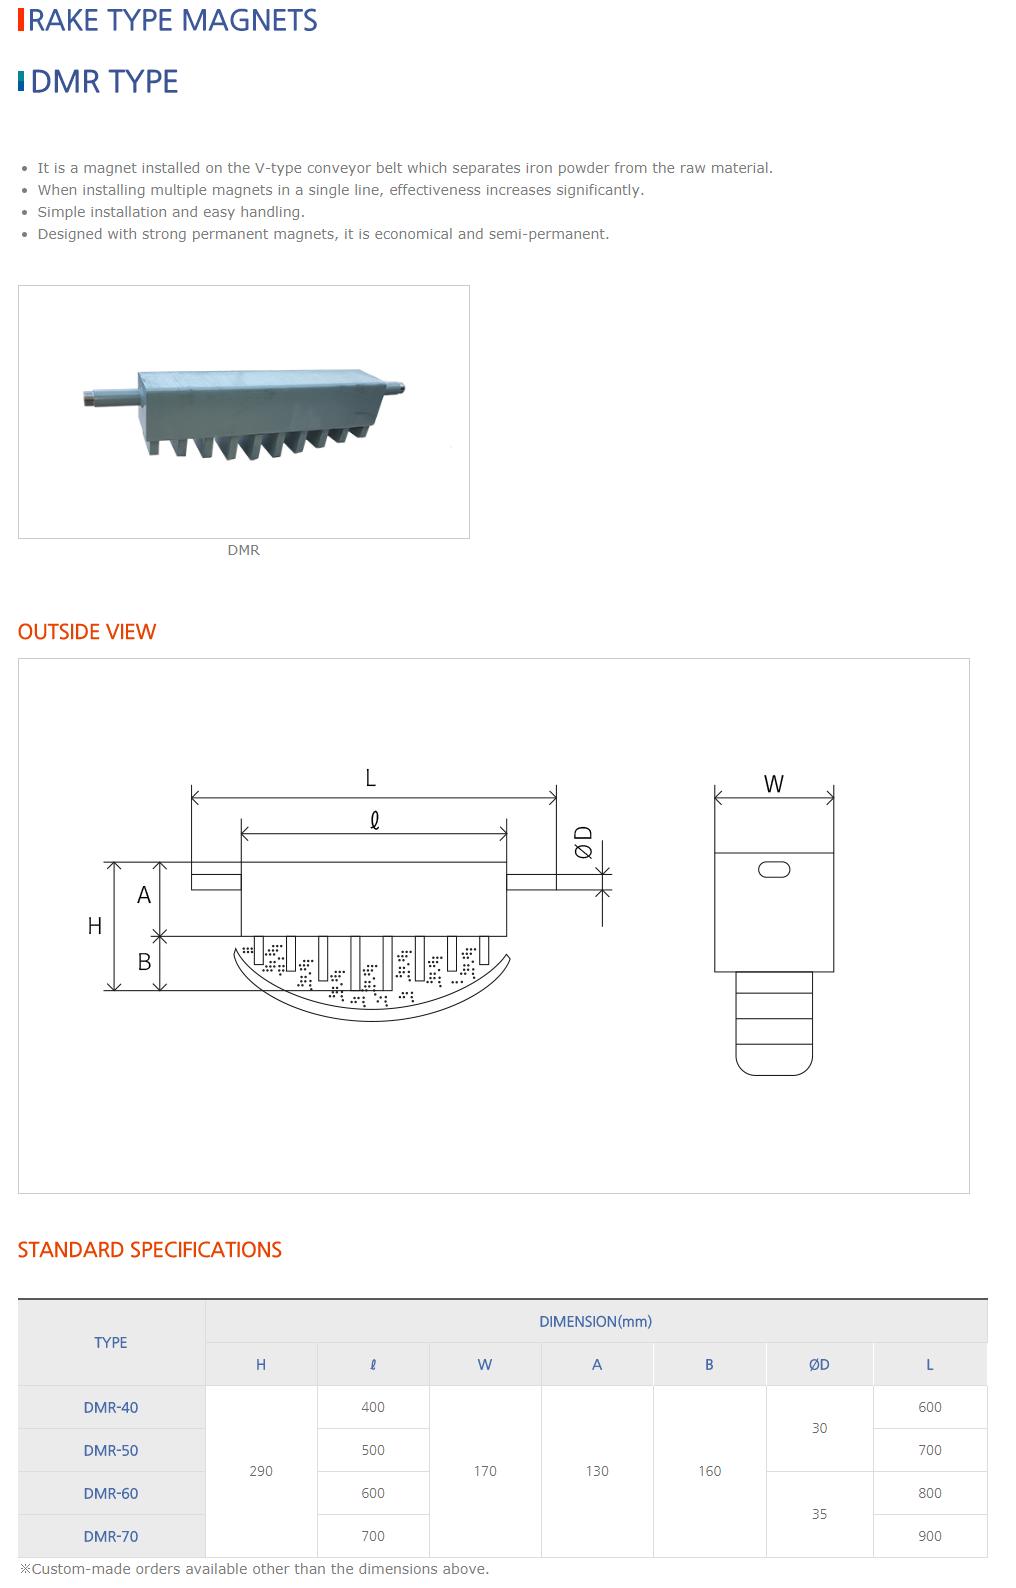 DAESUNG MARGNET Rake Type Magnets DMR Type